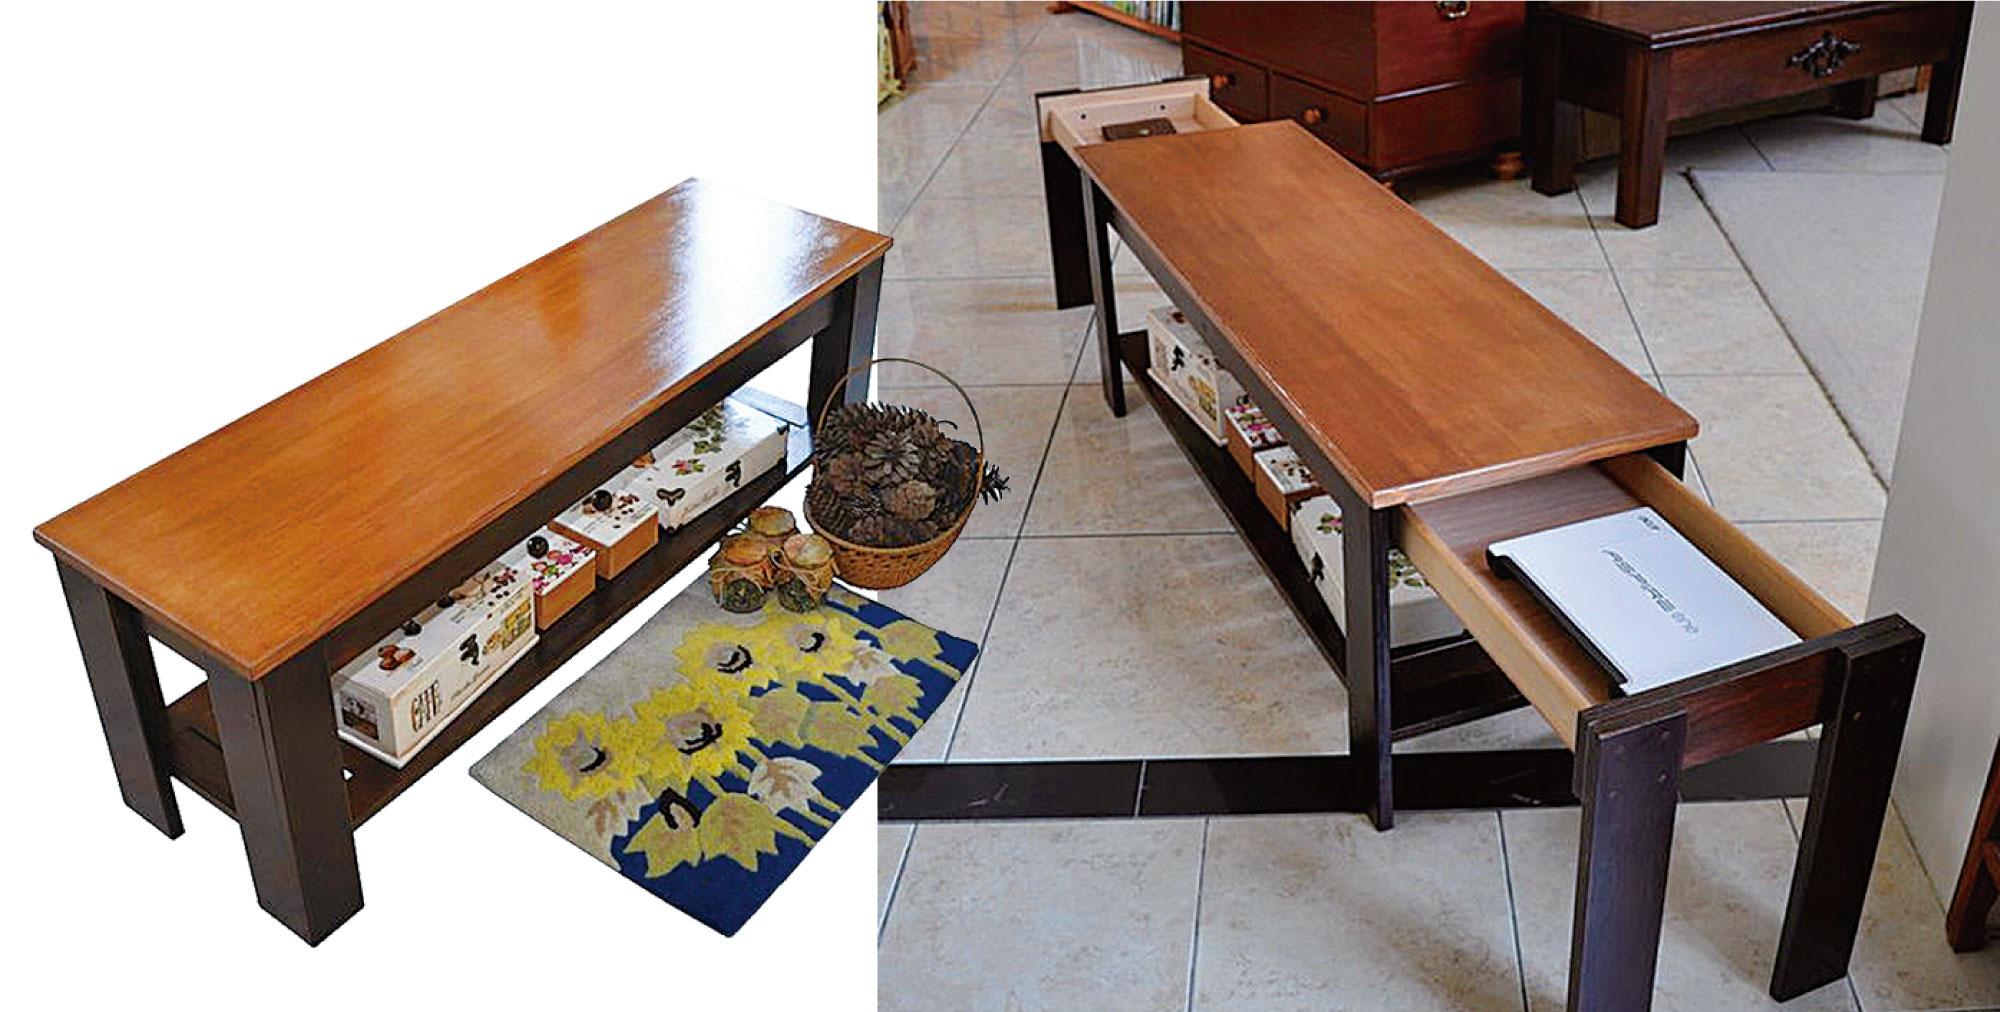 一張看似平凡的鄉村風長板凳(左圖)。將兩邊椅腳拉開,居然是可以收藏私秘物件的小抽屜(右圖)。(詹姆士提供)